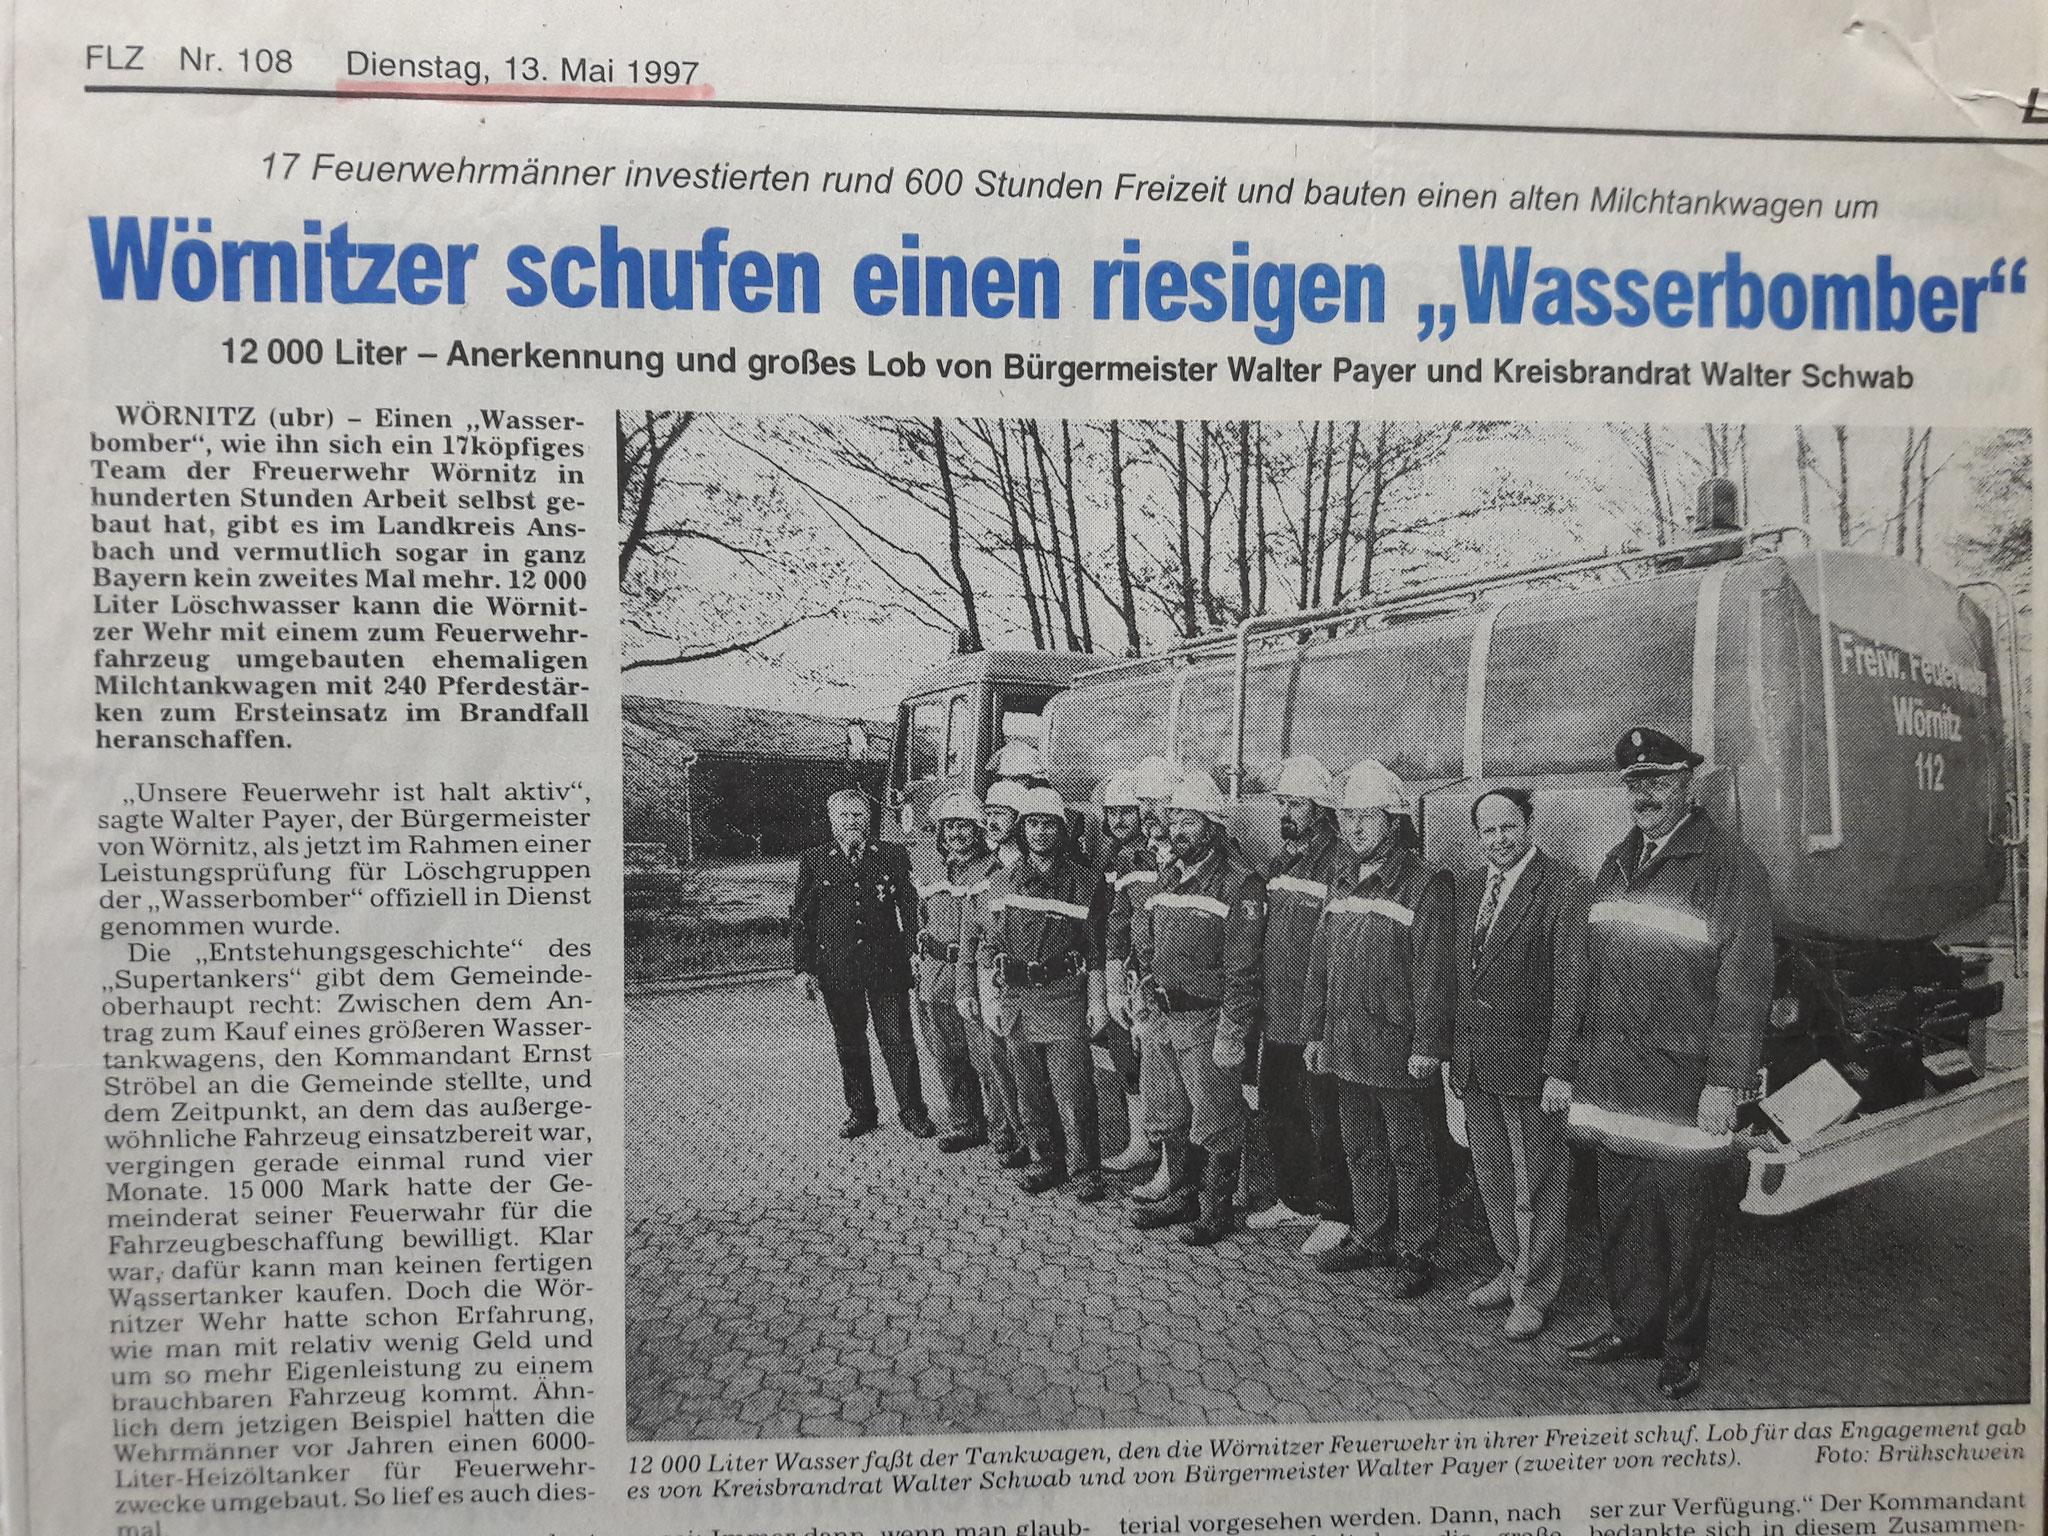 1997: Umbau vom Milchtanker zum Feuerwehrfahrzeug